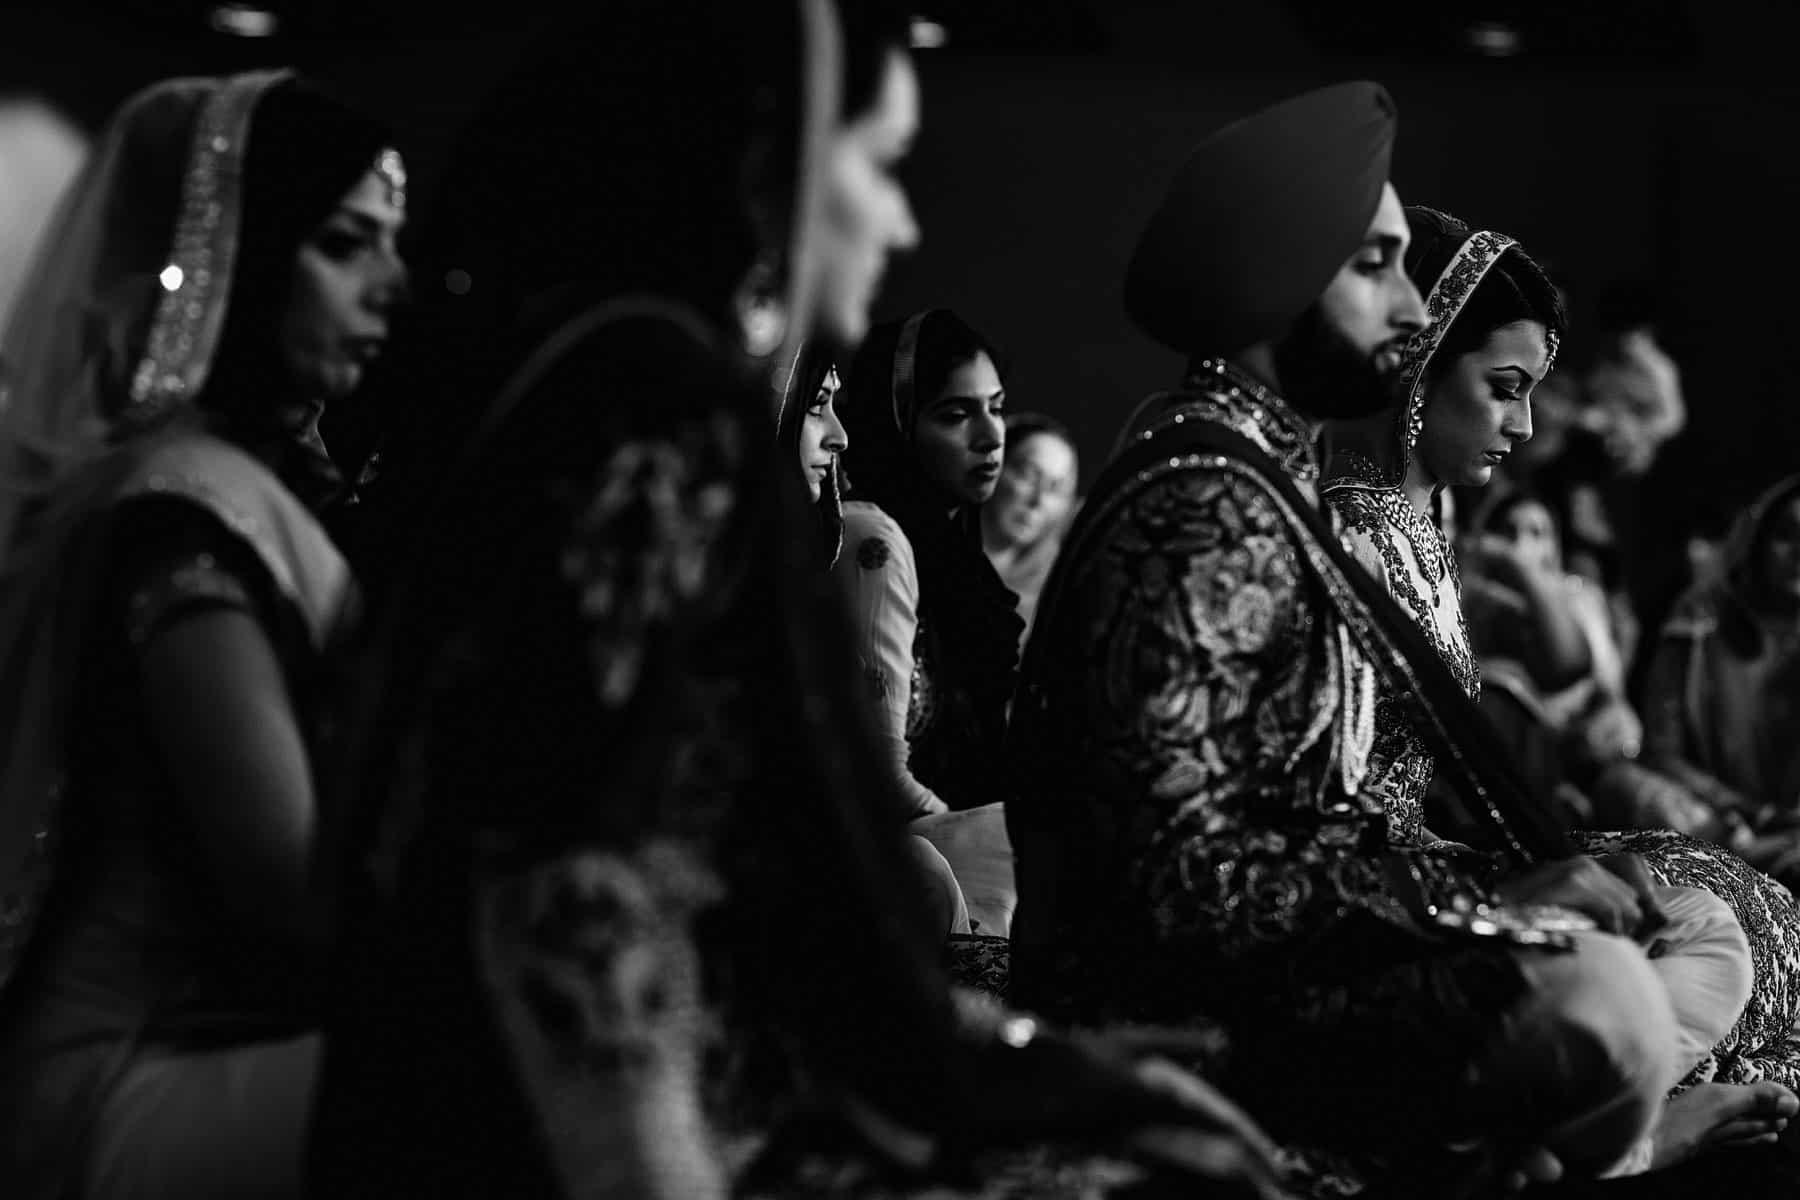 havelock road gurdwara sikh wedding